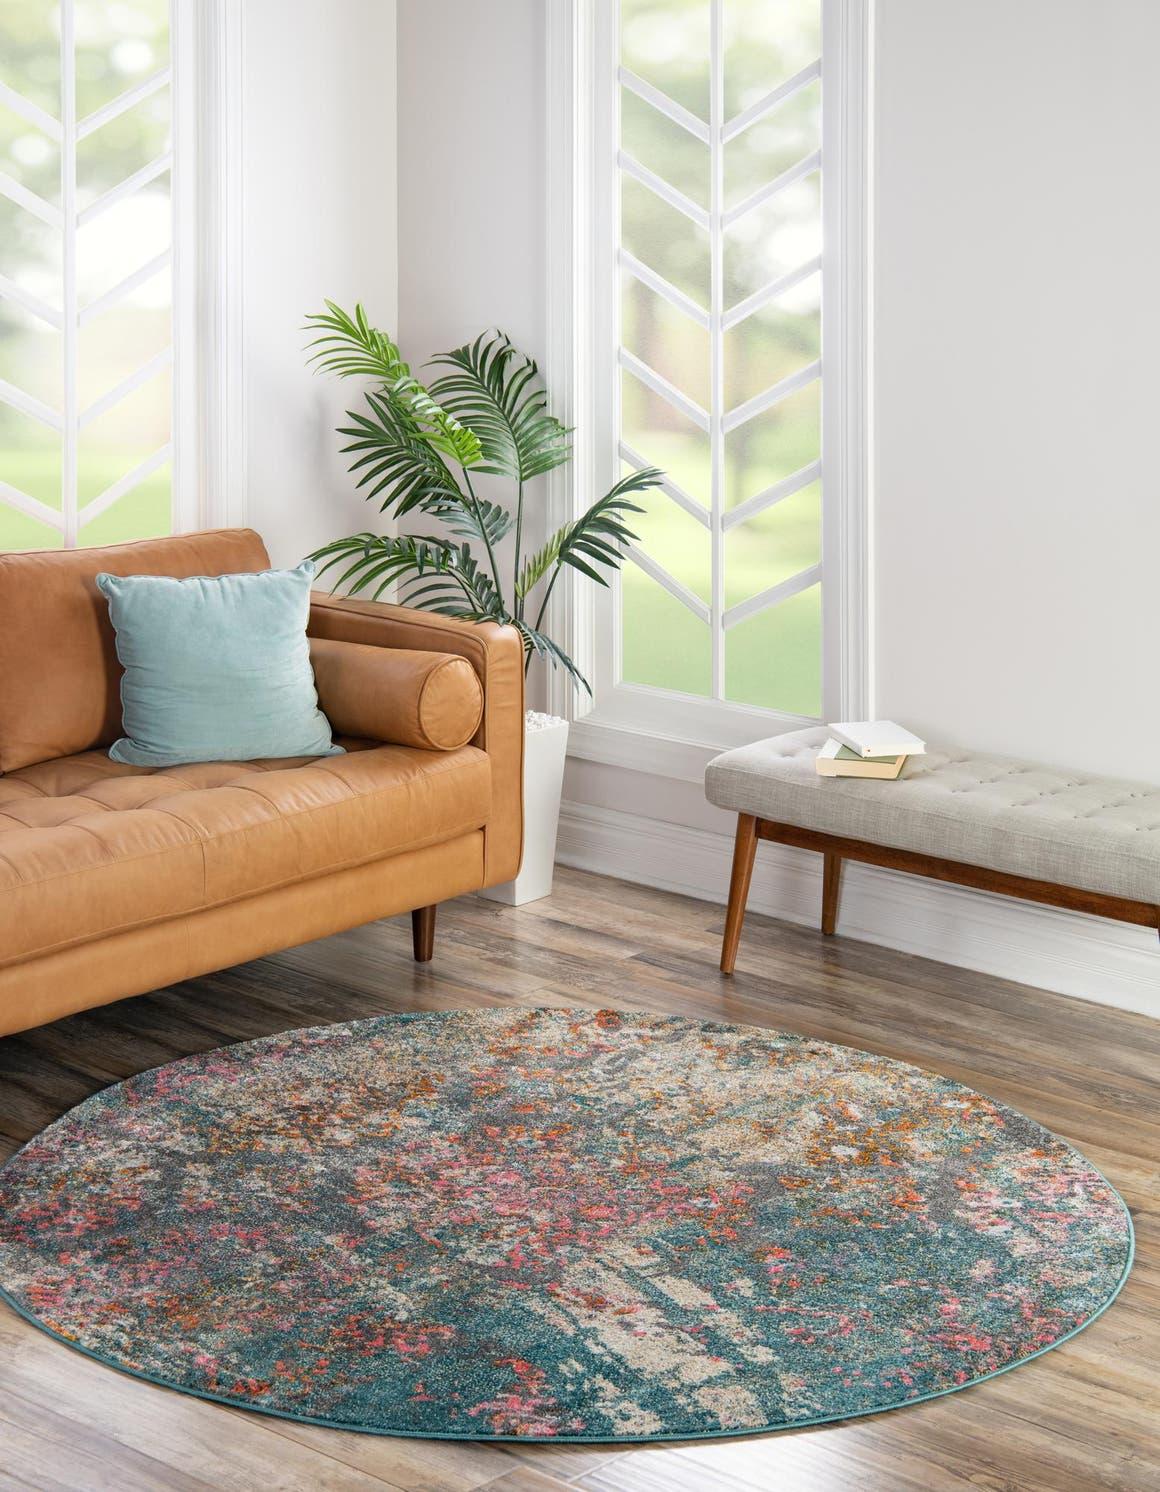 6' x 6' Aria Round Rug main image